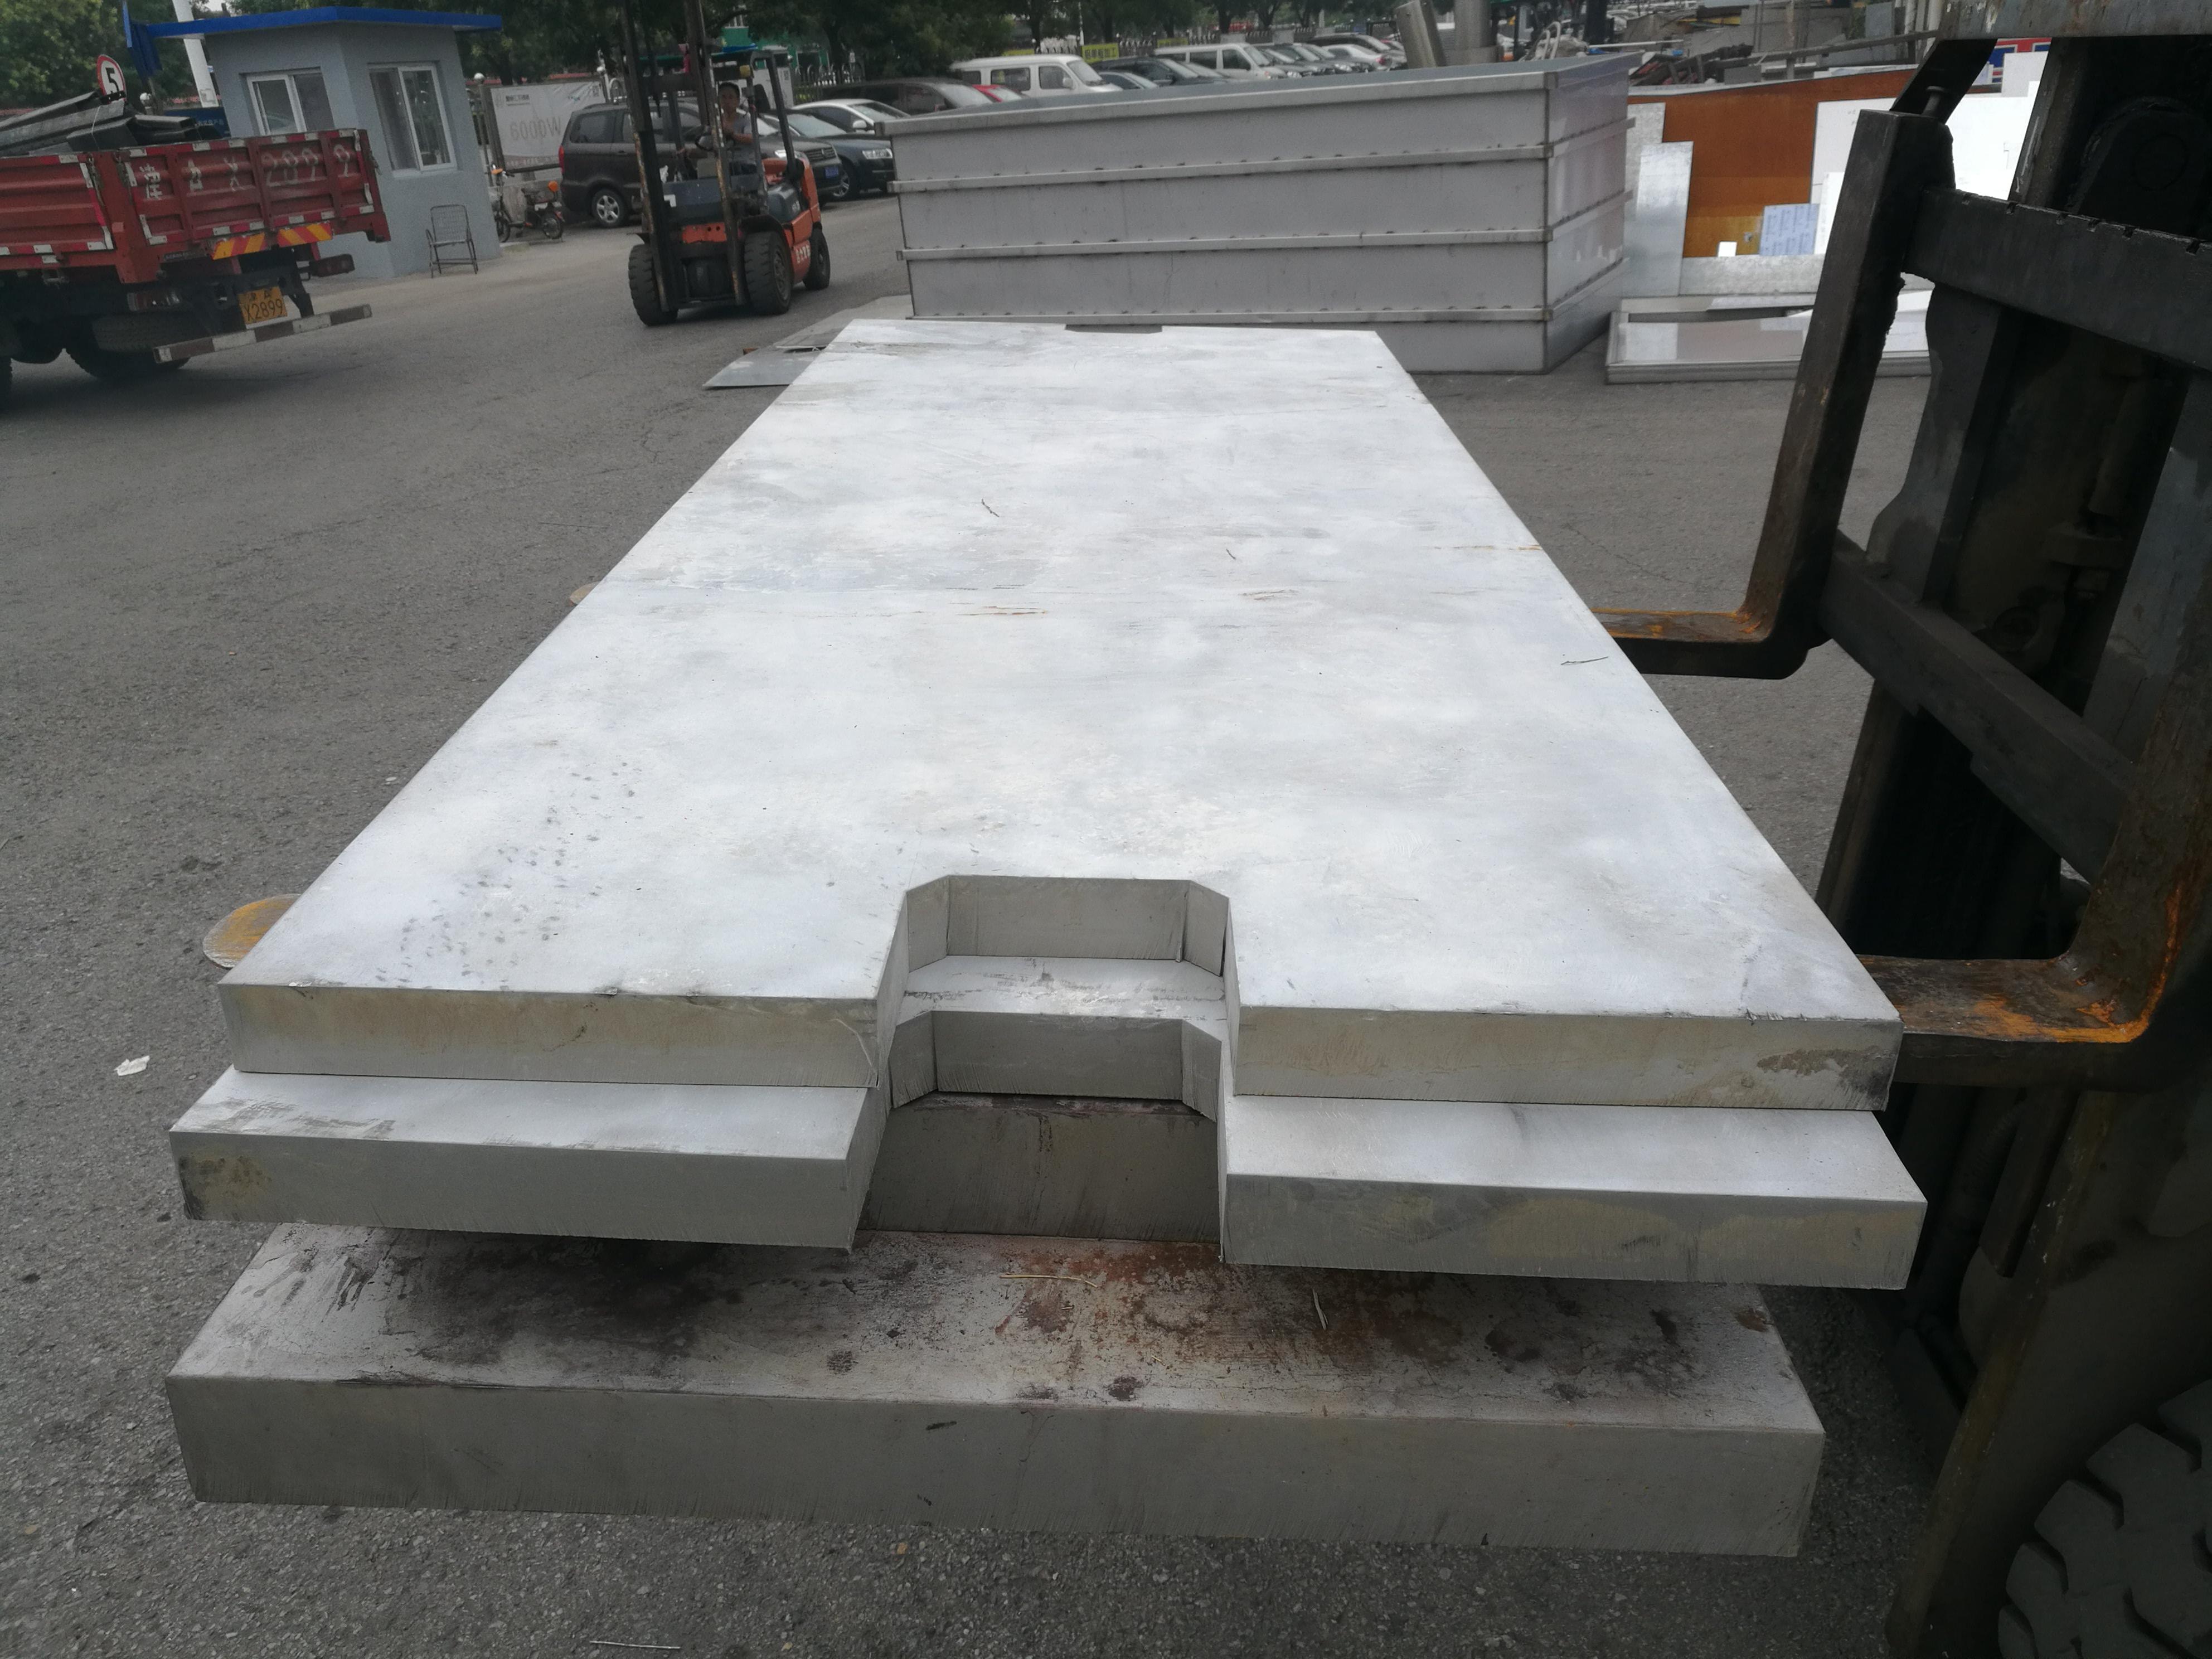 供应不锈钢板 不锈钢板价格 不锈钢板批发 不锈钢板厂家 不锈钢板